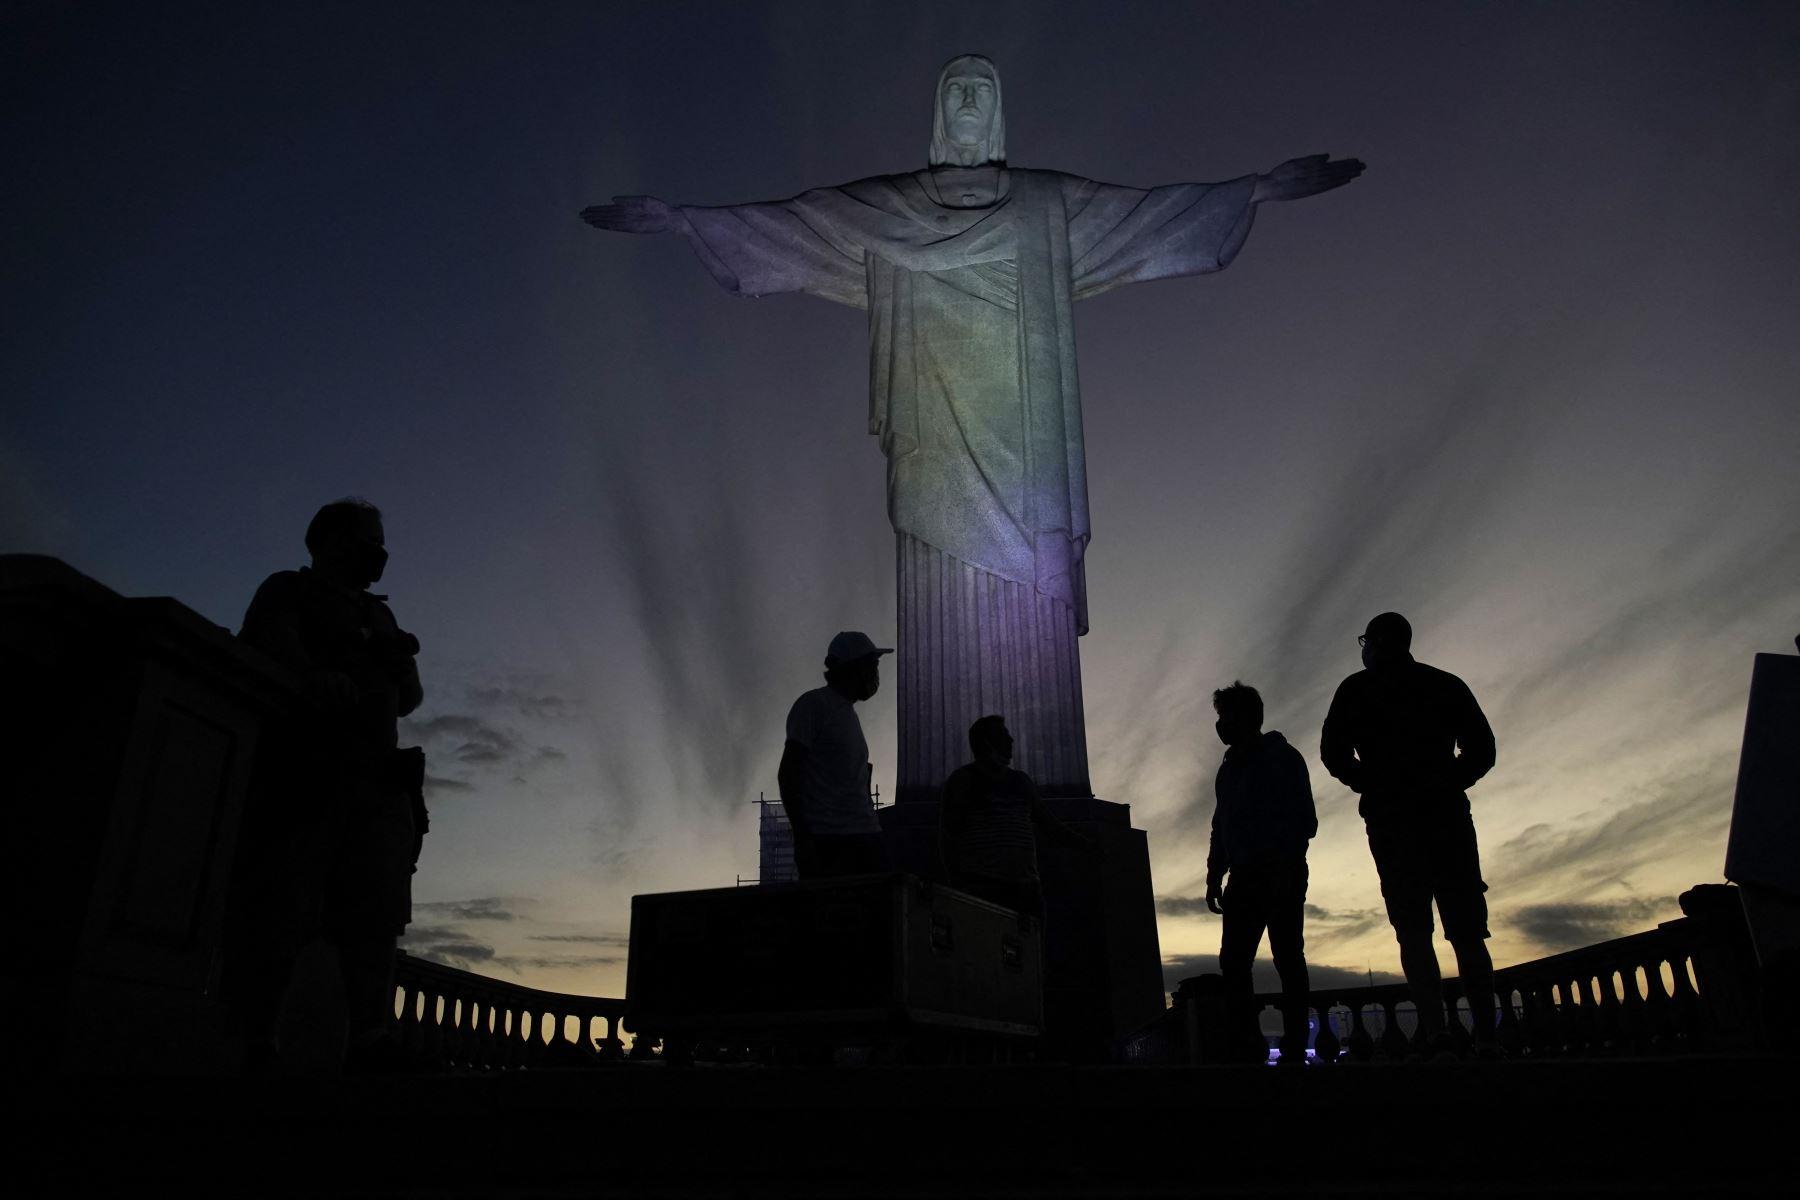 La estatua del Cristo Redentor se ve preparada para ser iluminada con los colores de la bandera brasileña y flechas olímpicas para marcar los 100 días hasta los Juegos Olímpicos de Tokio 2020 en Río de Janeiro, Brasil. Foto: AFP